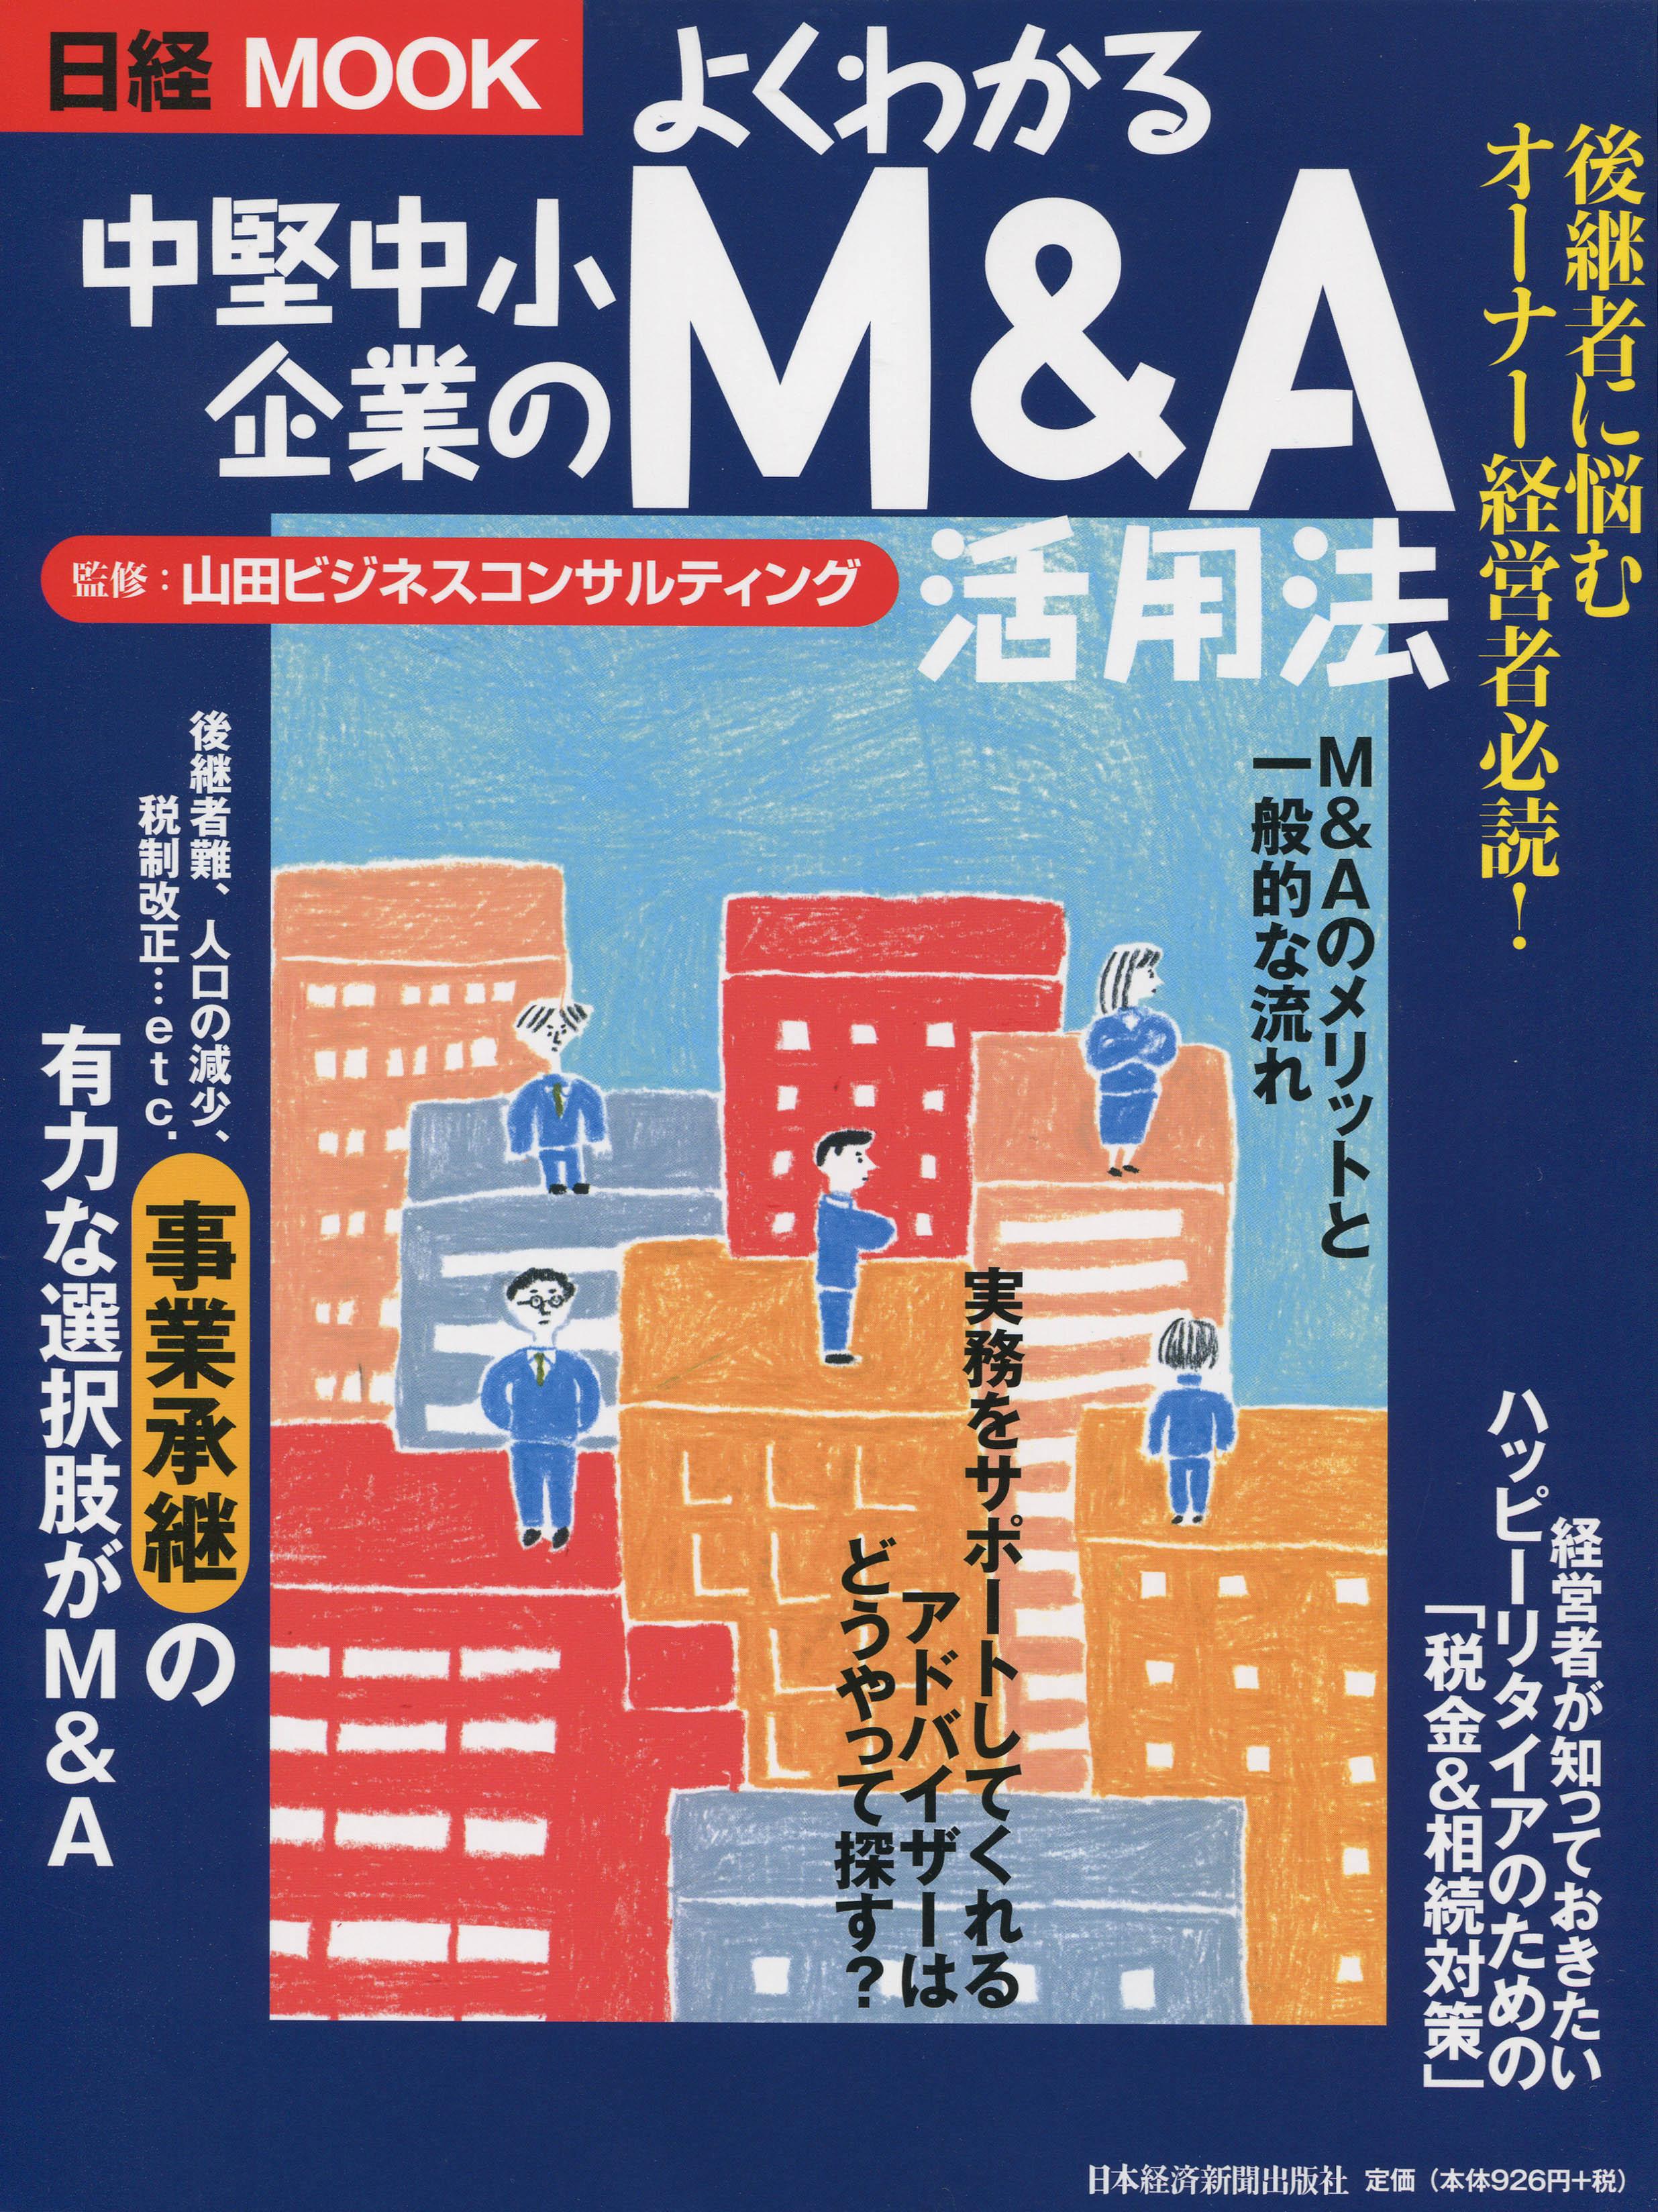 日経ムック よくわかる中堅中小企業のM&A活用法